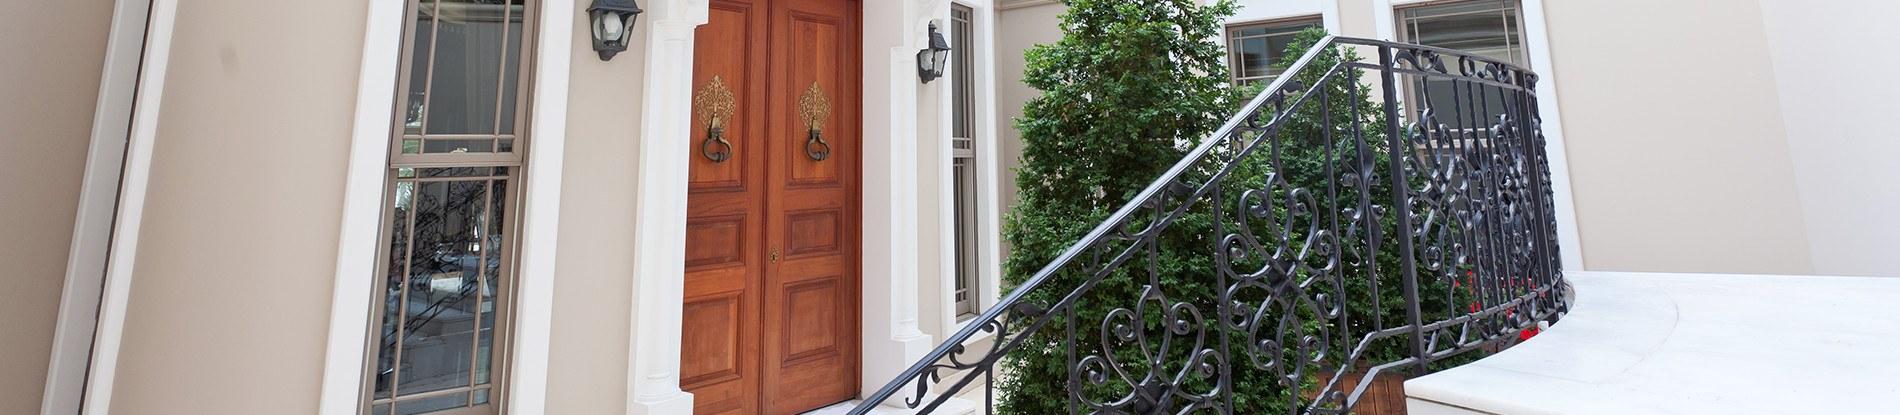 Haustüren klassisch  Haustür klassisch zu günstigen Preisen kaufen | neuffer.de